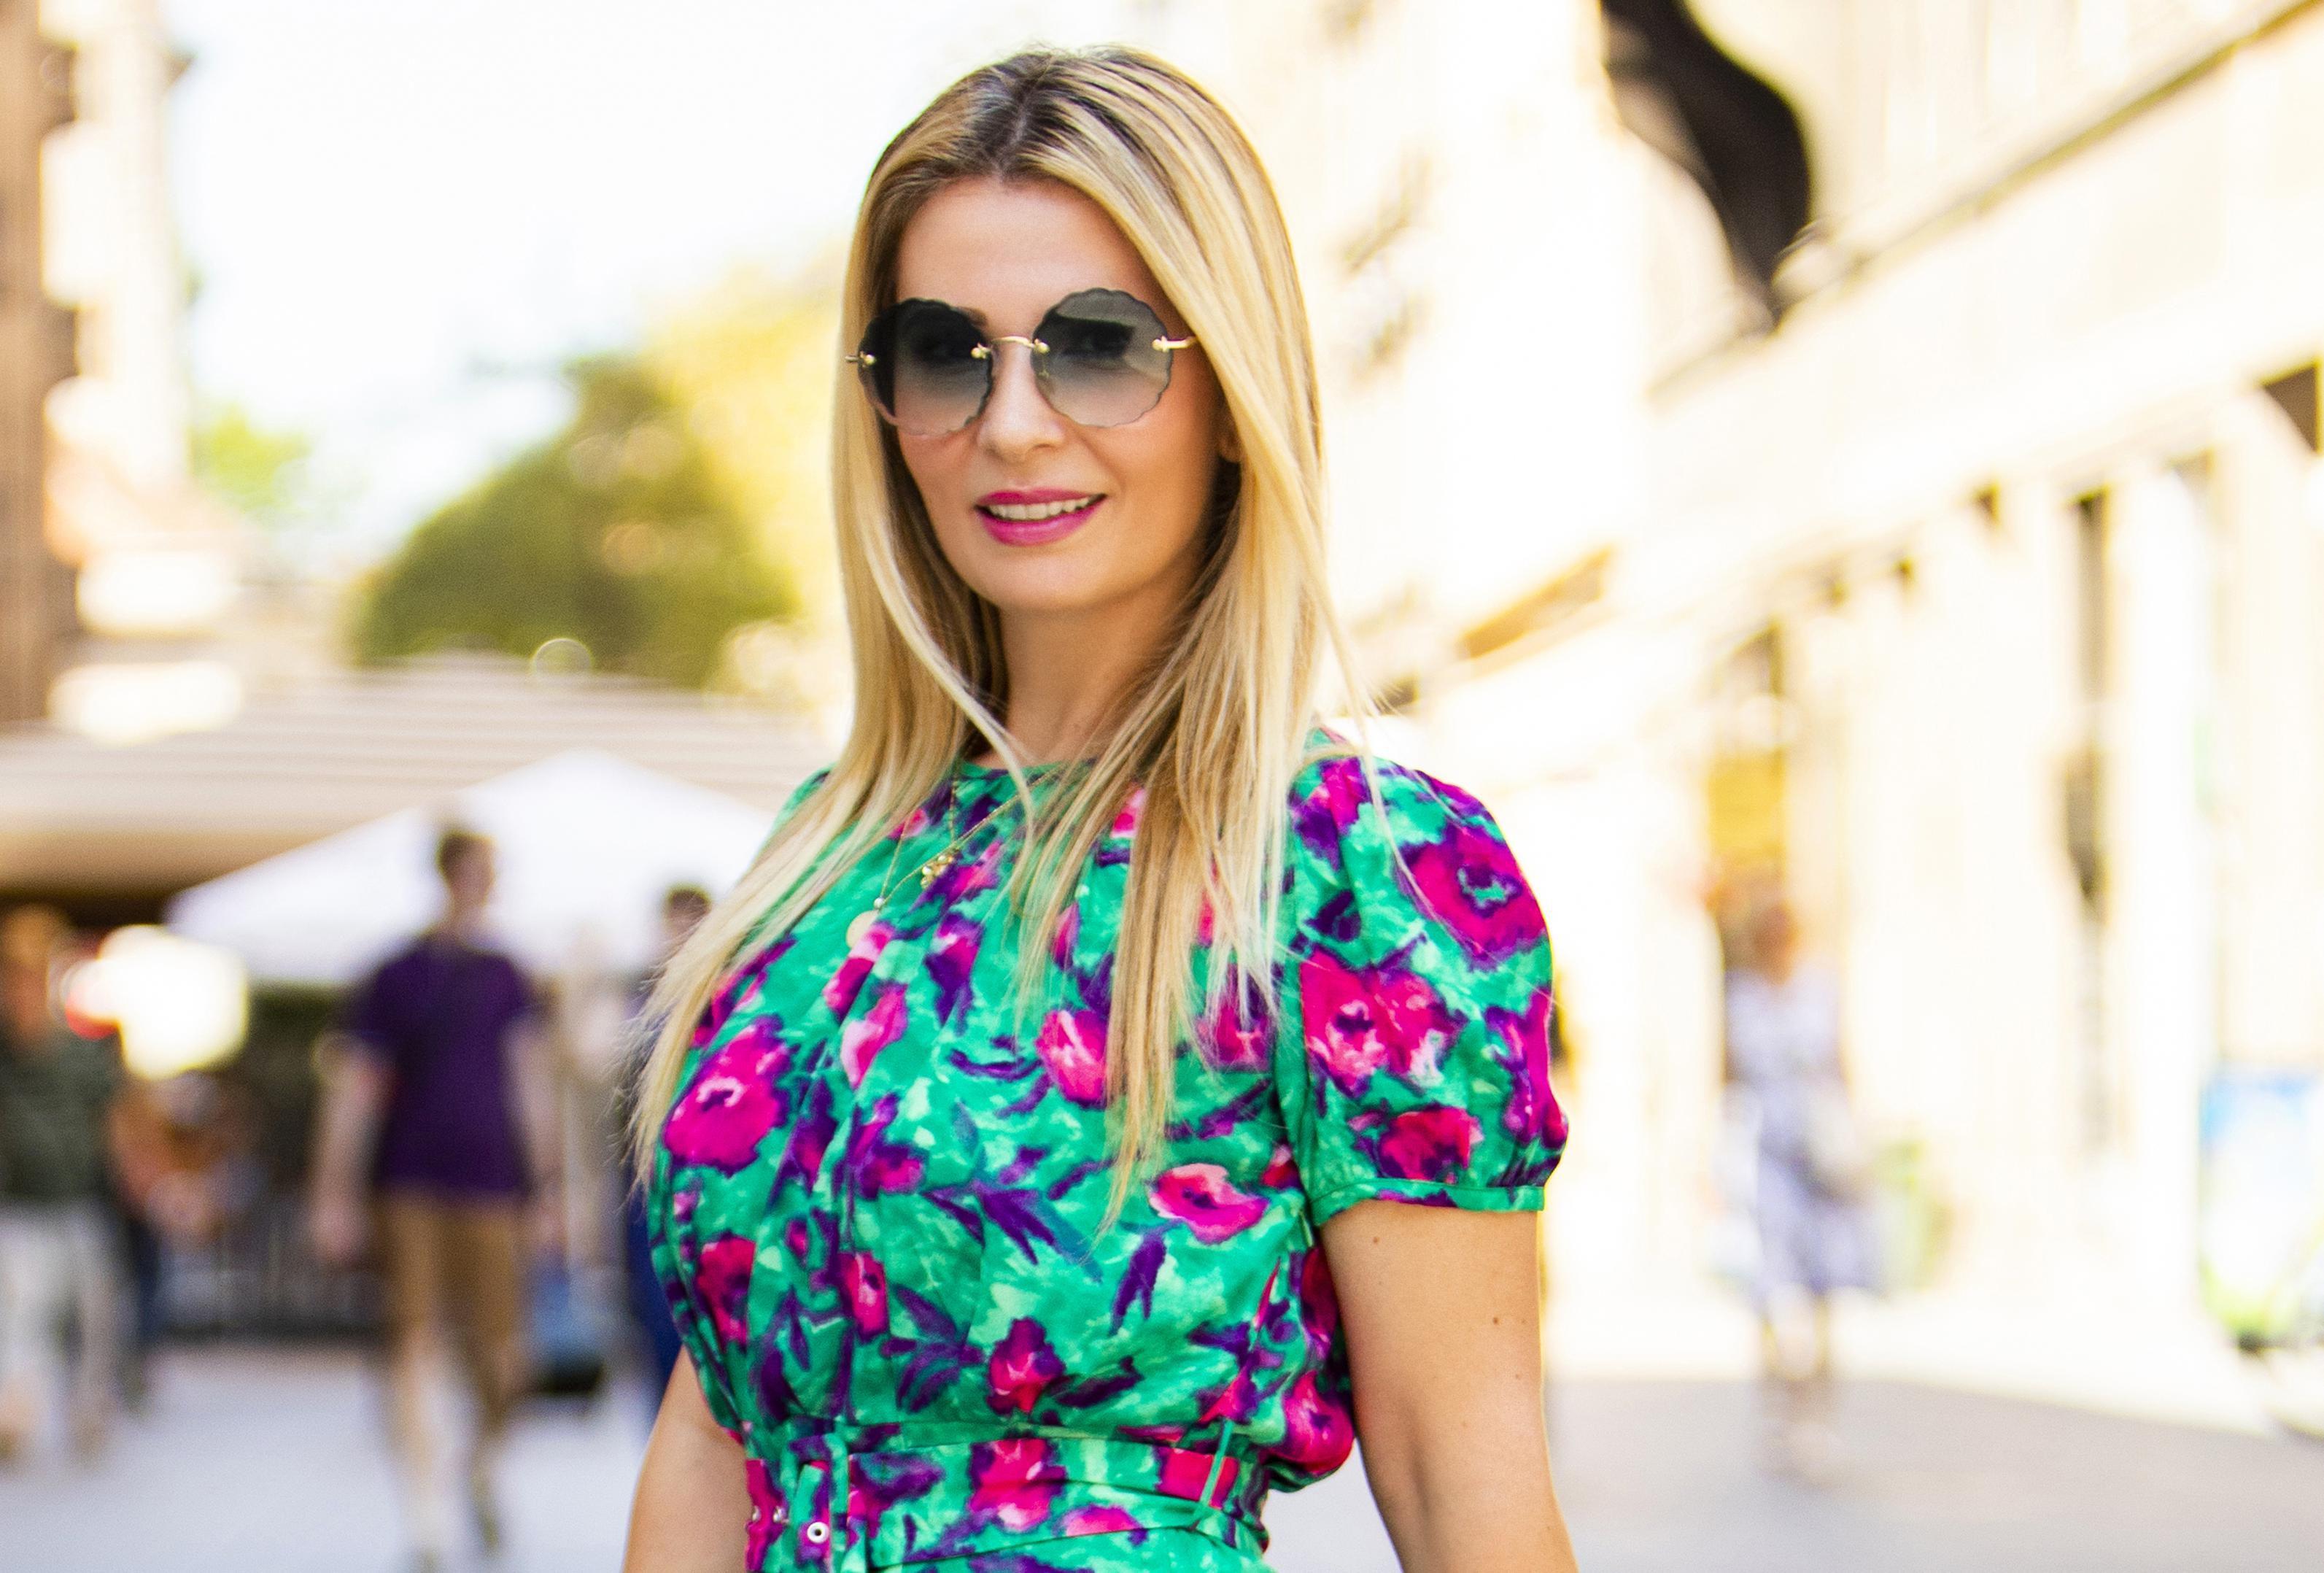 Odvjetnica izvrsnog stila nosi torbu koja je nekad bila veliki hit, a trendseterice je opet obožavaju